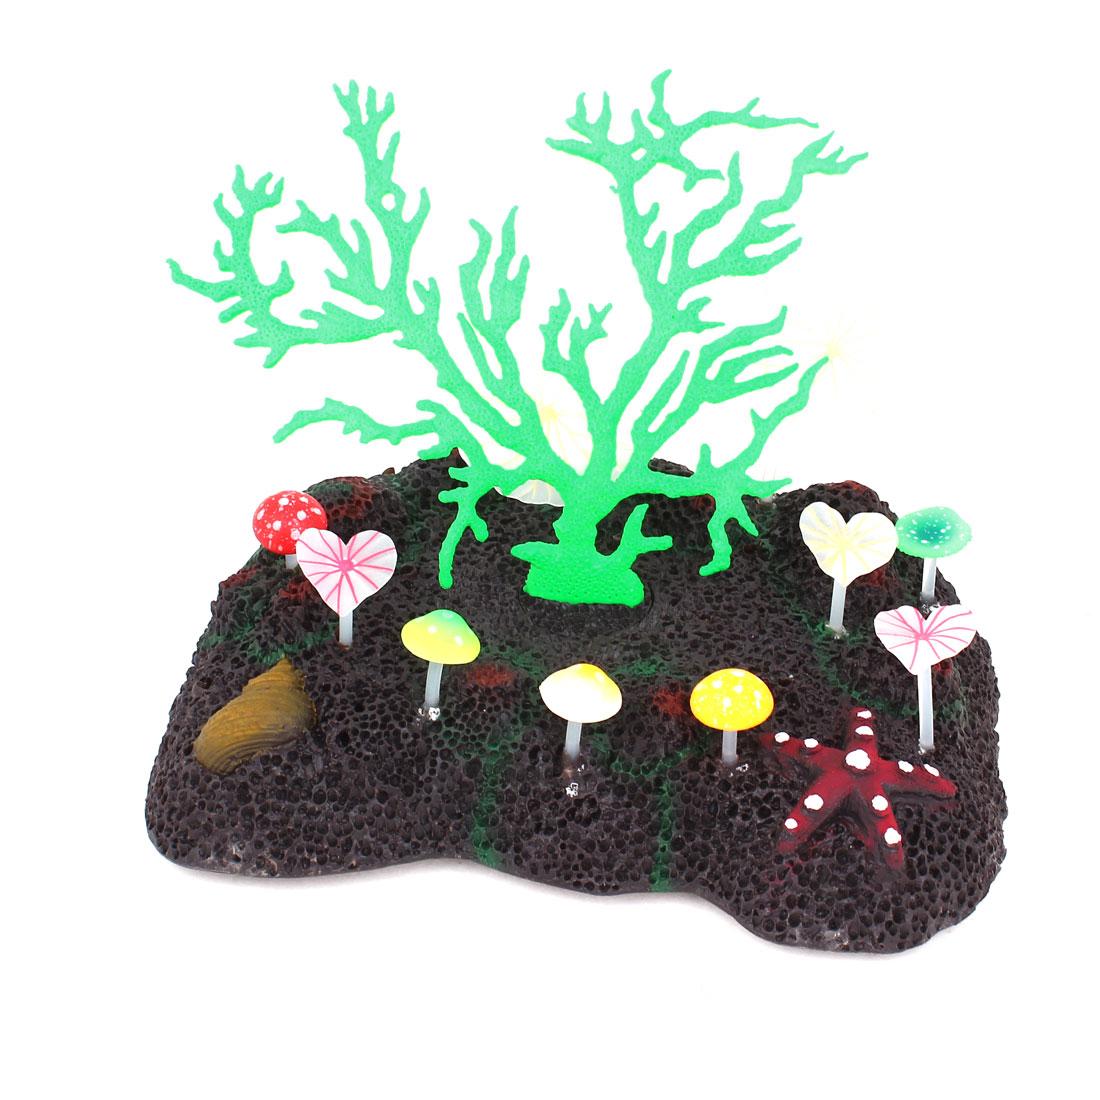 17cm Height Aquarium Glowing Atificial Coral Underwater Plant Ornament